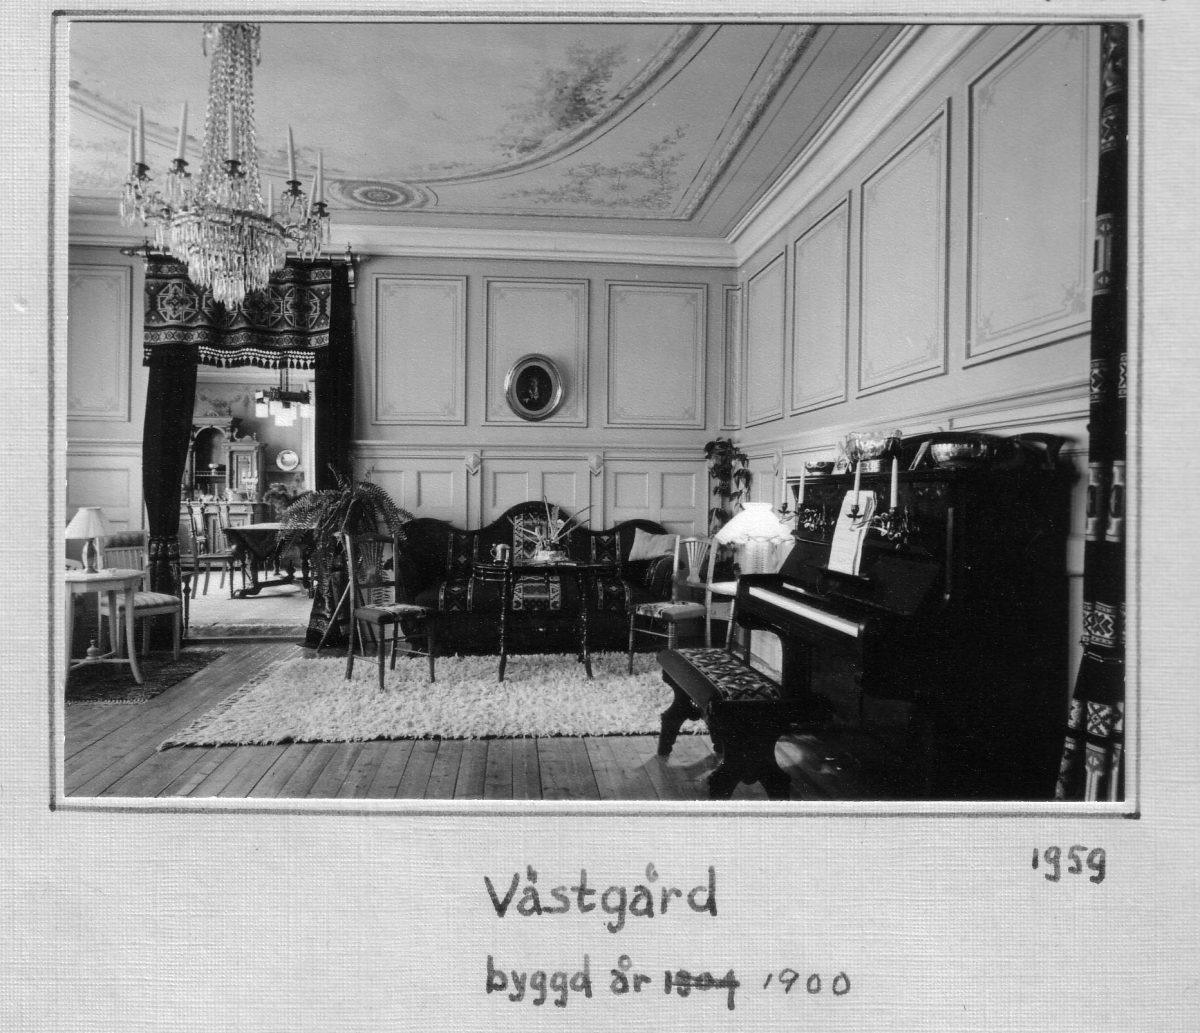 S.46 Västgård 1959